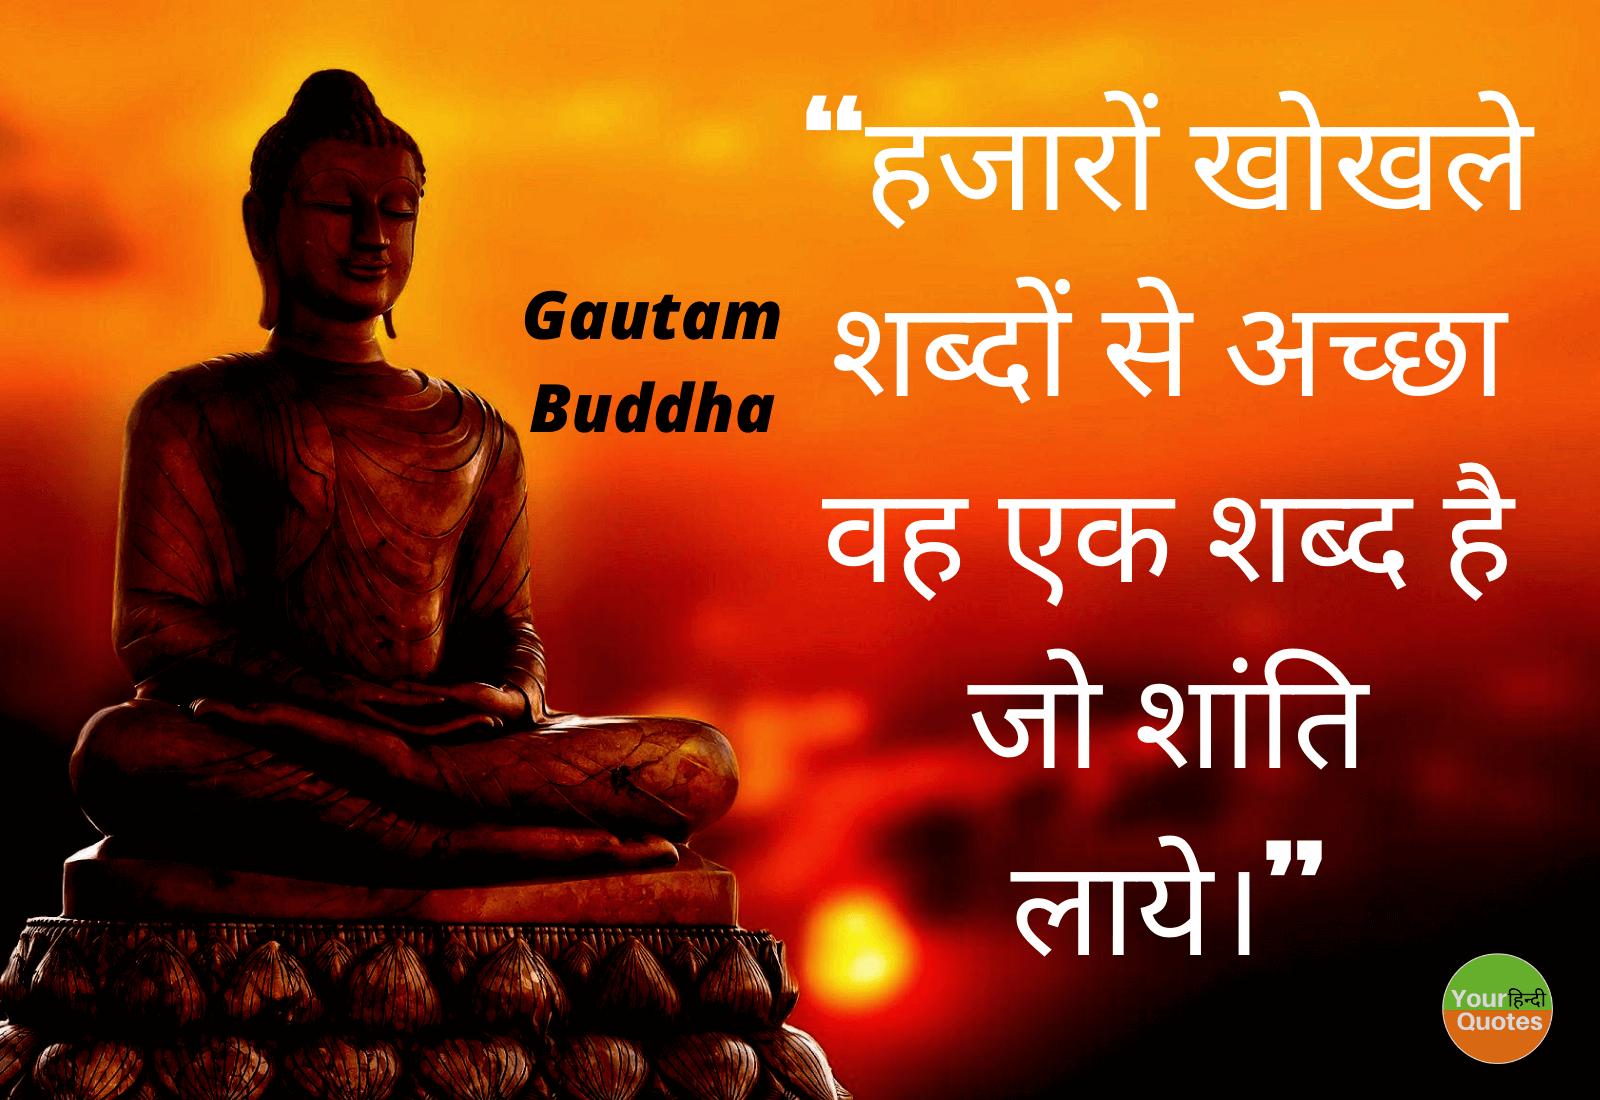 Gautam Buddha Quote Hindi Images